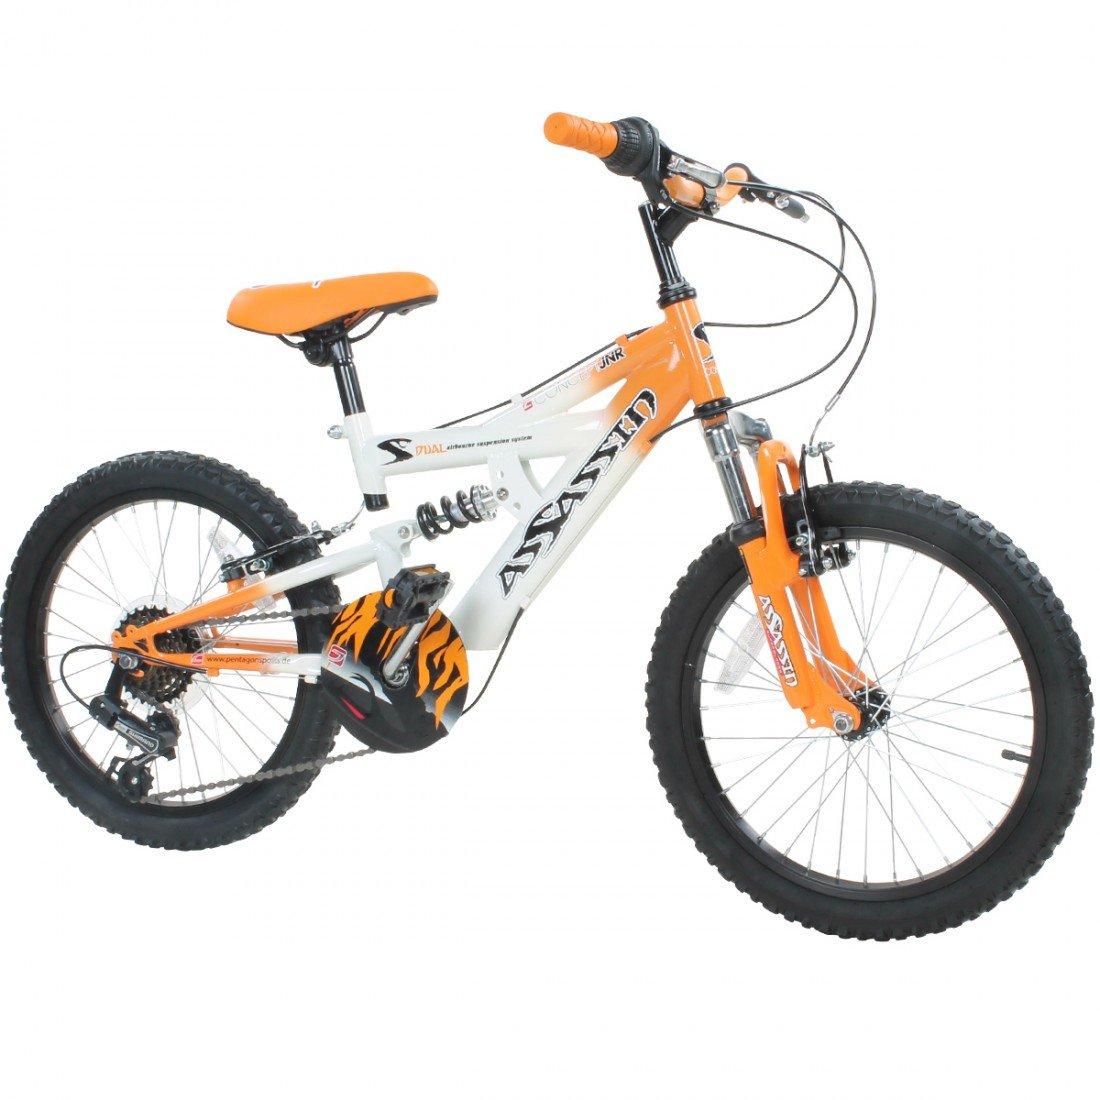 20 Zoll Kinder Mountainbike Concept Assassin Fully 2 Größen 4 Farben ...